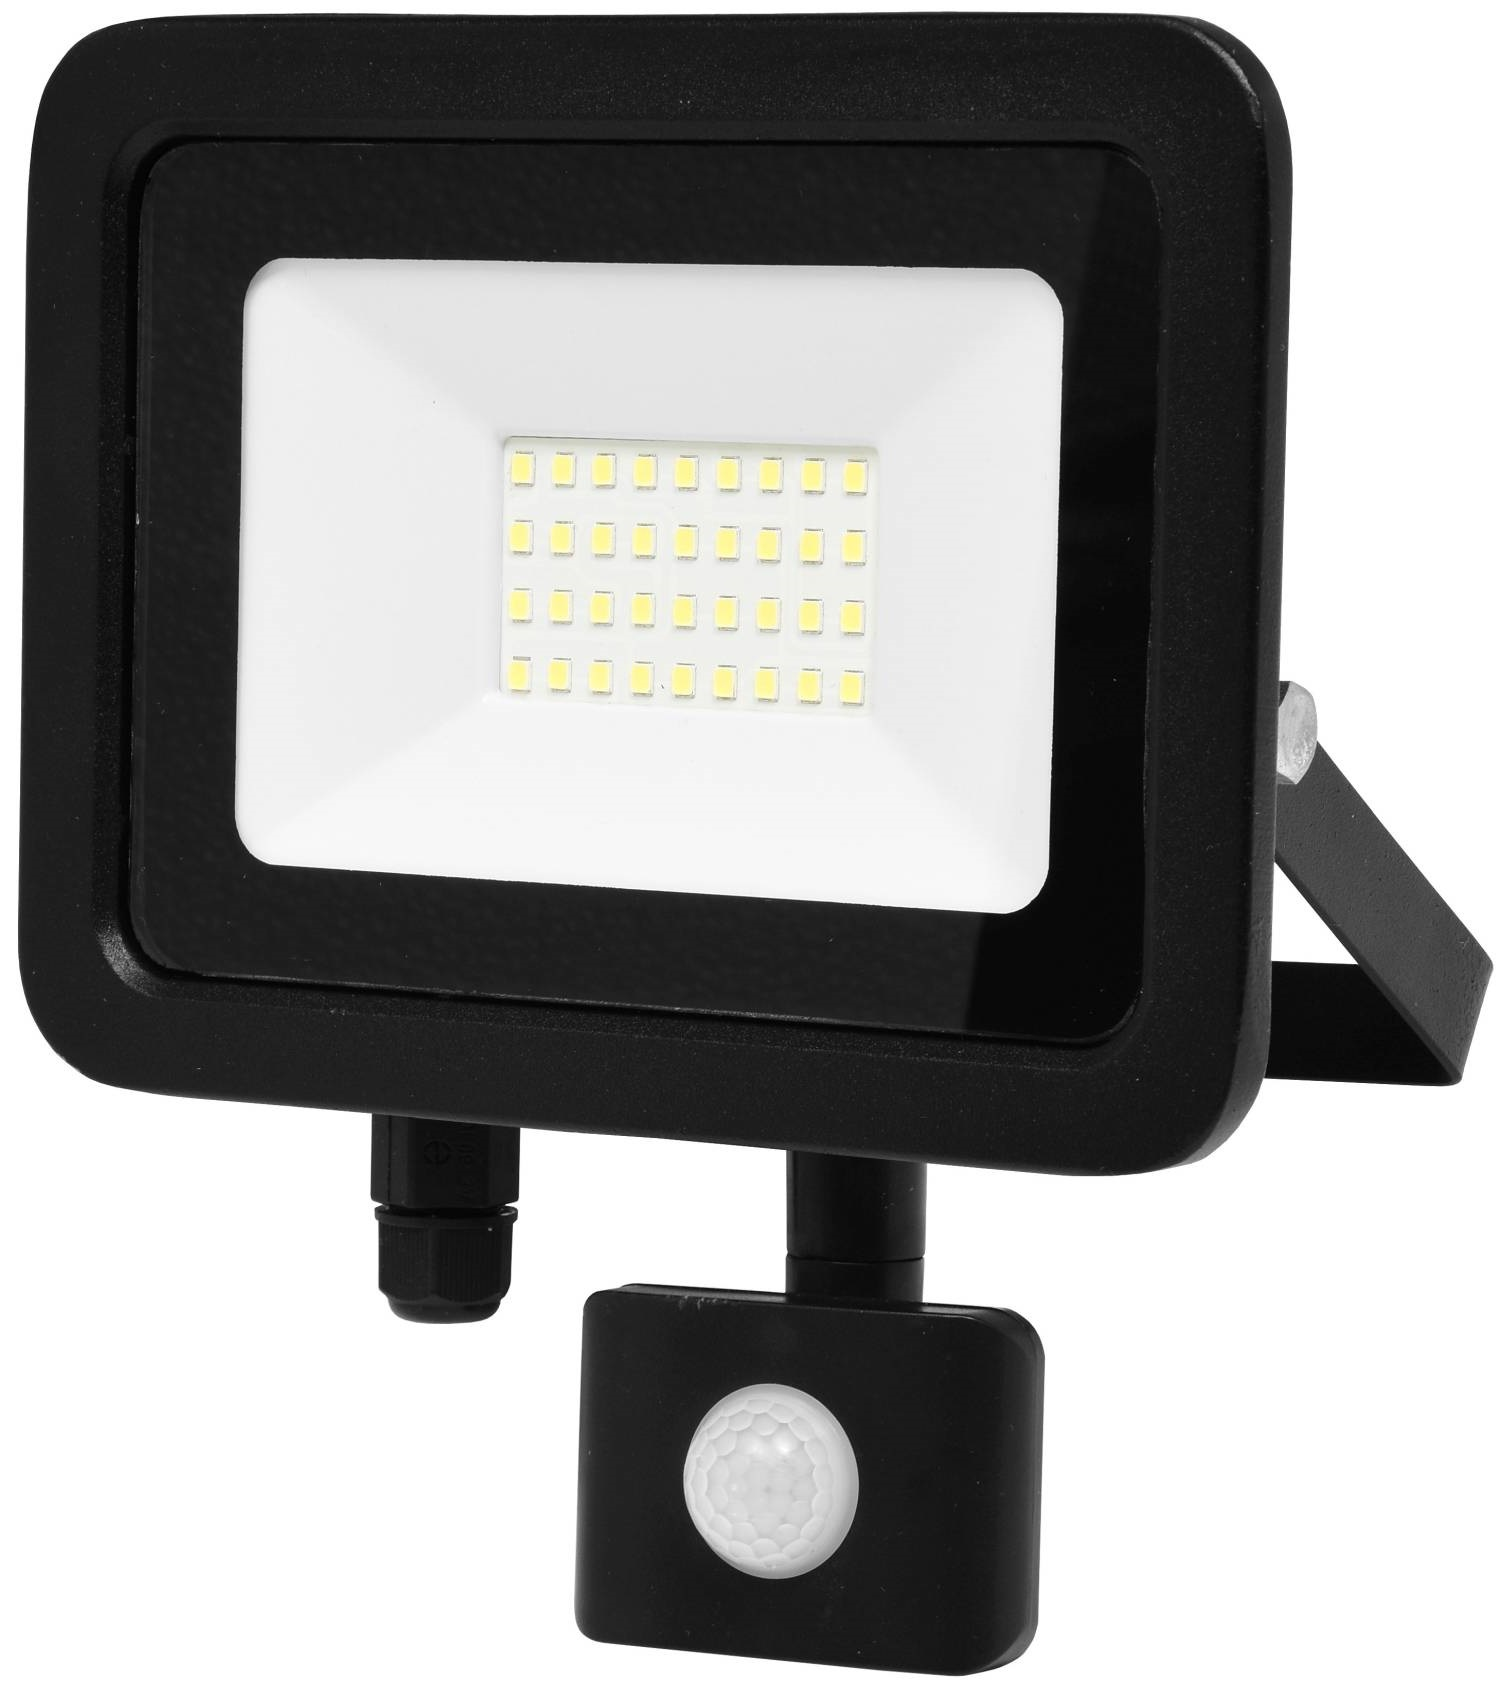 Ecolite Čierny LED reflektor 30W s pohybovym čidlom RLED48WL-30W/PIR